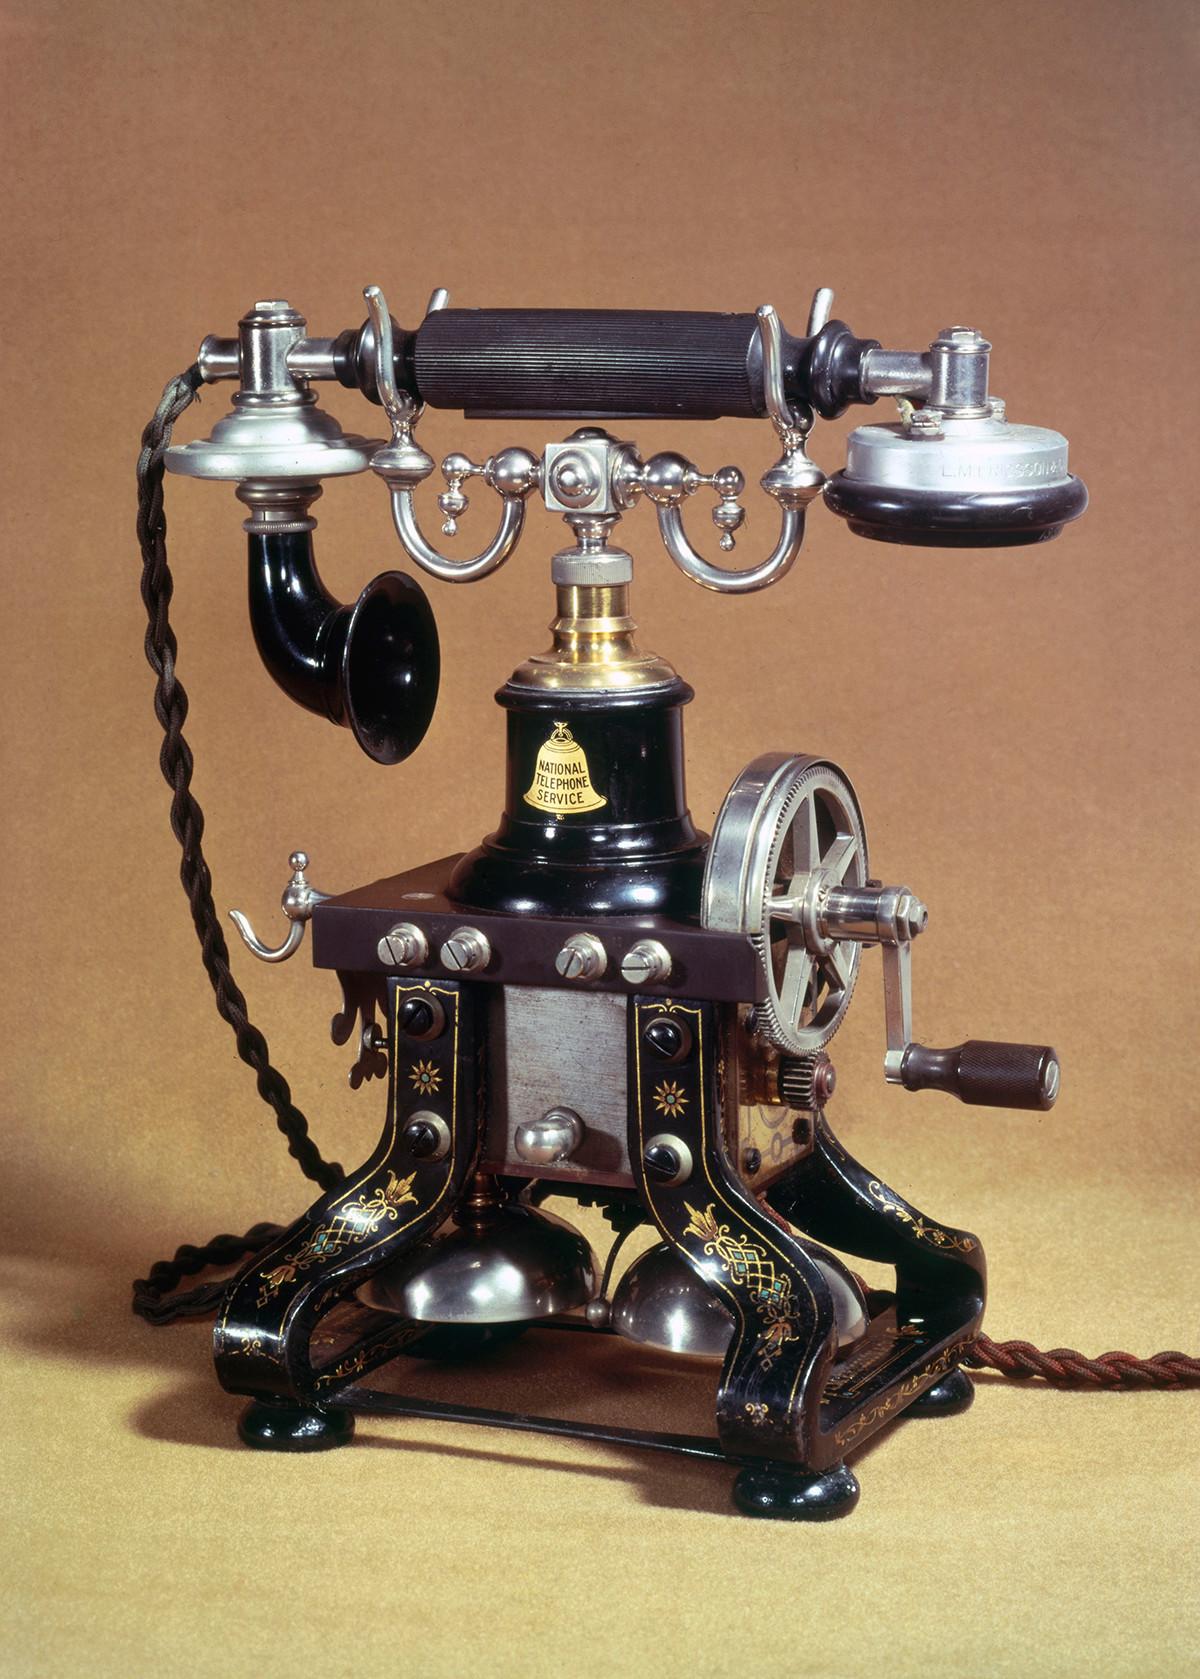 Telefono da tavolo Ericsson, 1890